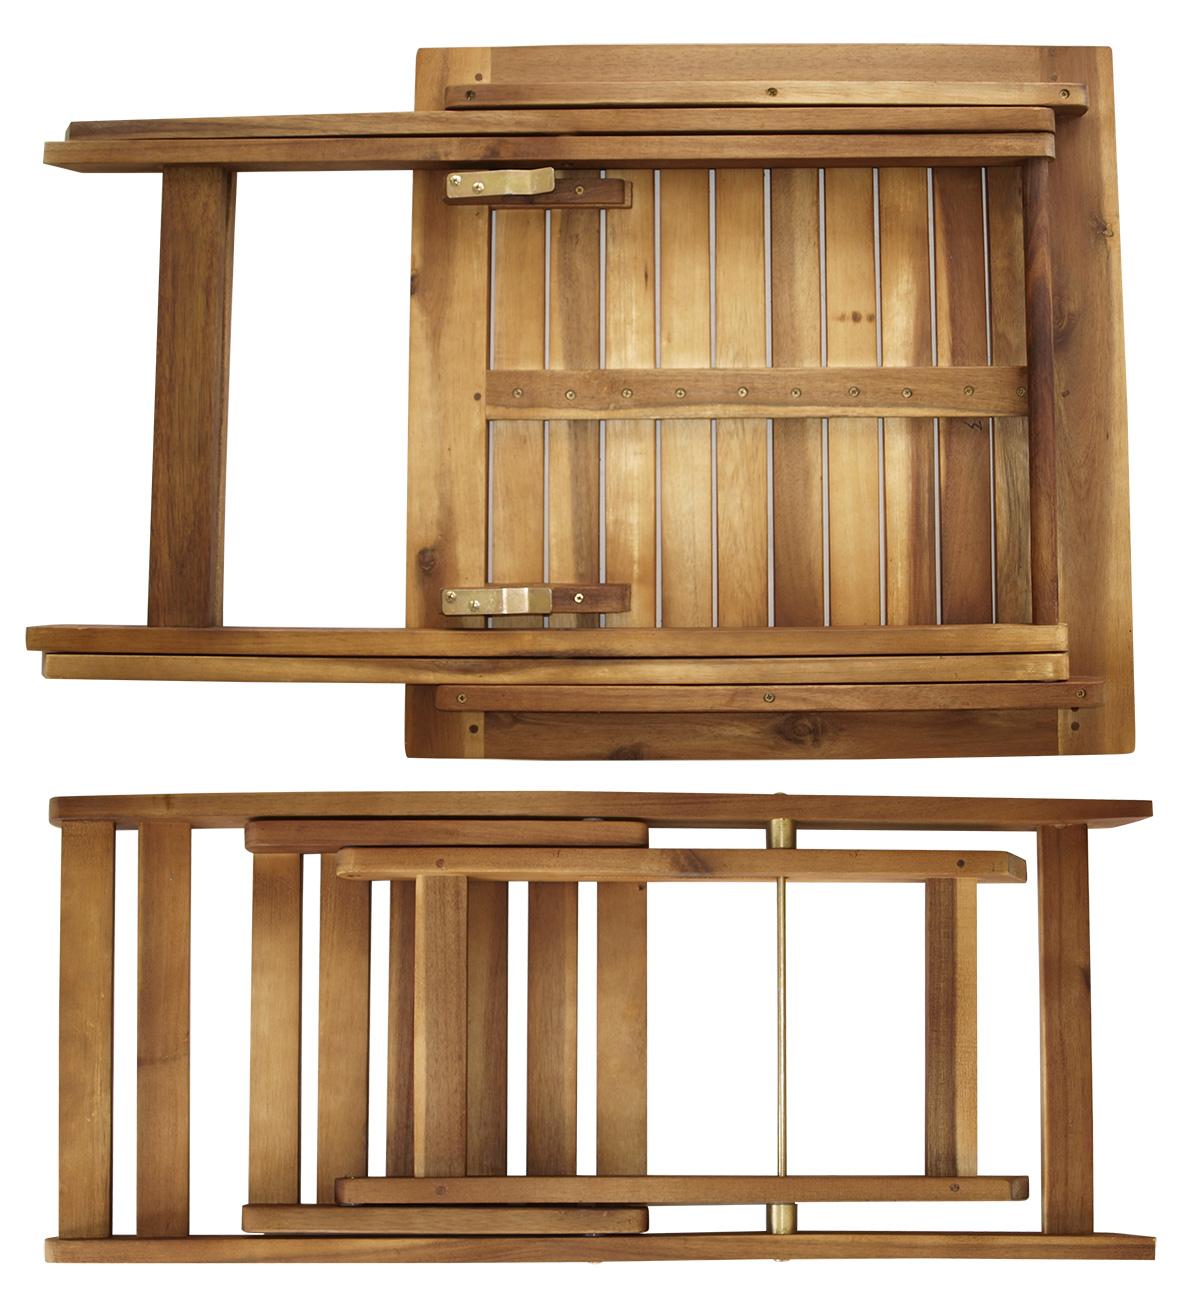 bistroset balkonset gartenset gartenm bel garnitur kreta mit auflagen gr n fsc 4050747519040 ebay. Black Bedroom Furniture Sets. Home Design Ideas